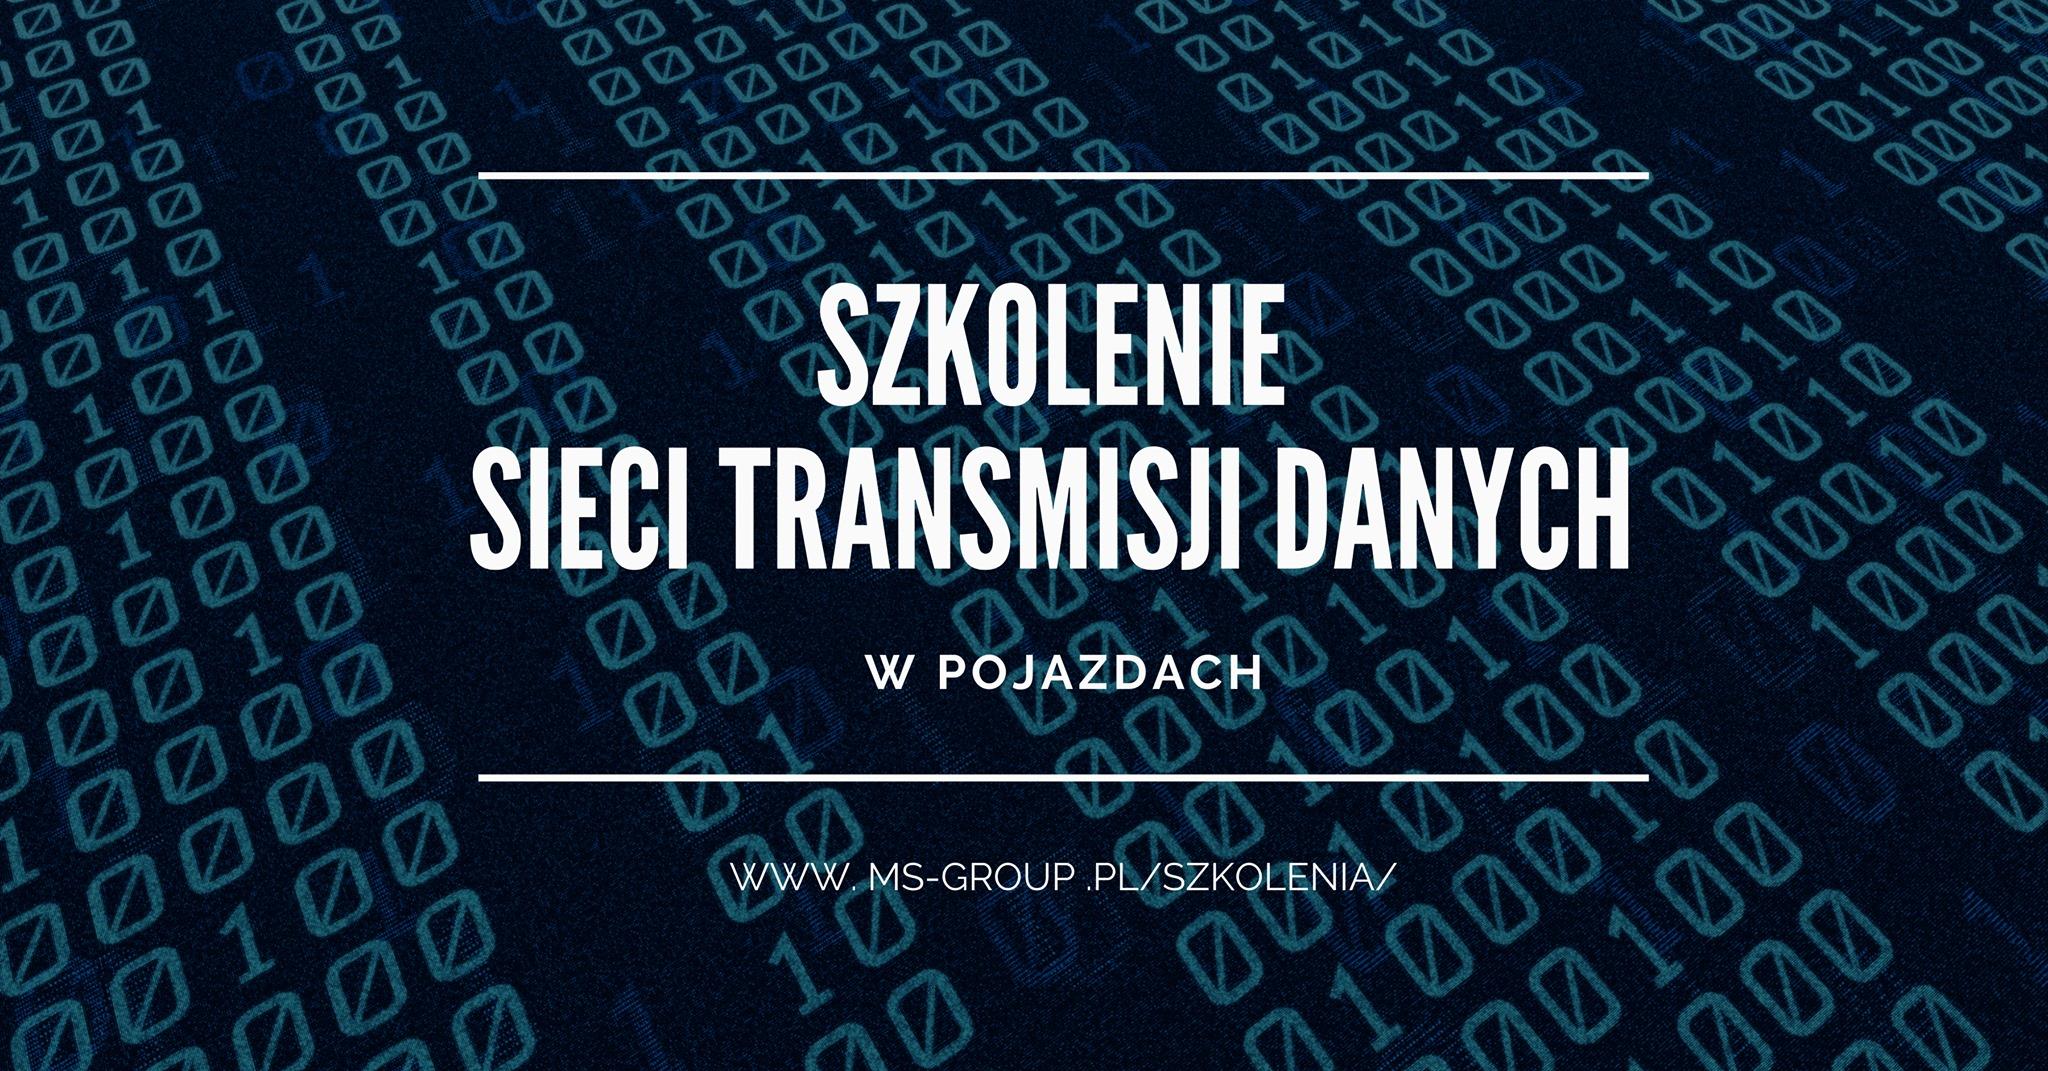 Sieci transmisji danych